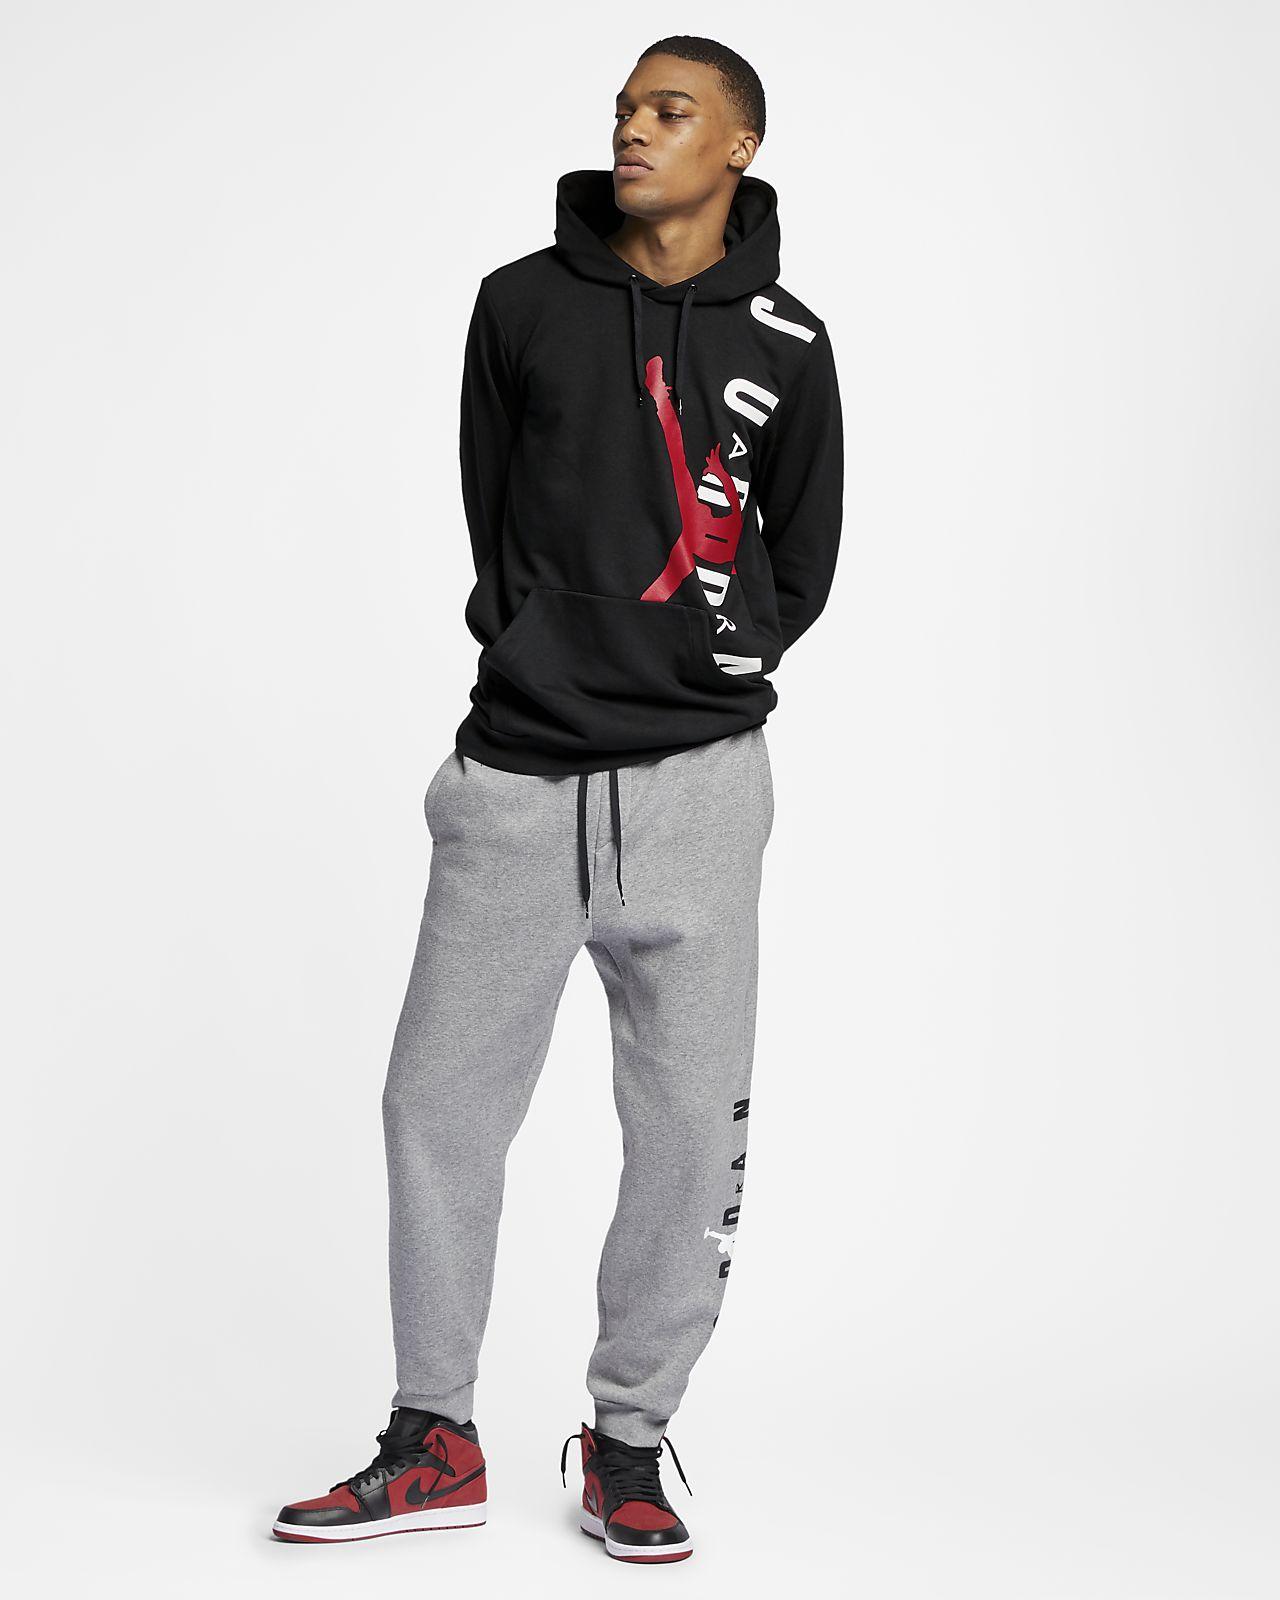 e4537c6985d1 Jordan Jumpman Air Lightweight Men s Fleece Sweatshirt. Nike.com CA